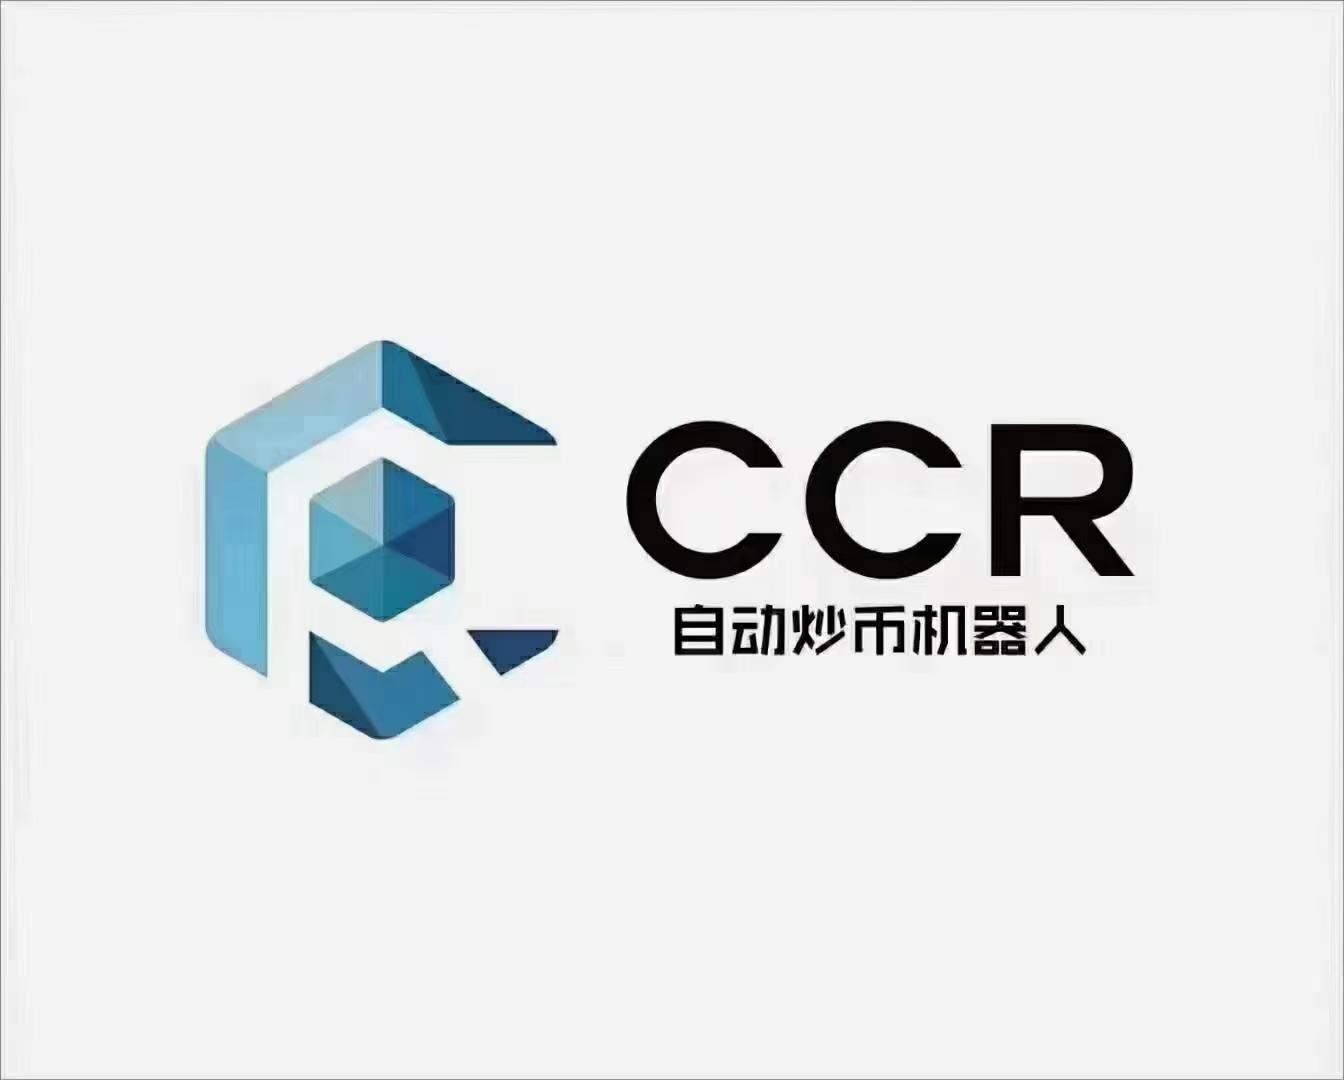 CCR炒币机器人:币圈炒币看什么线最重要?